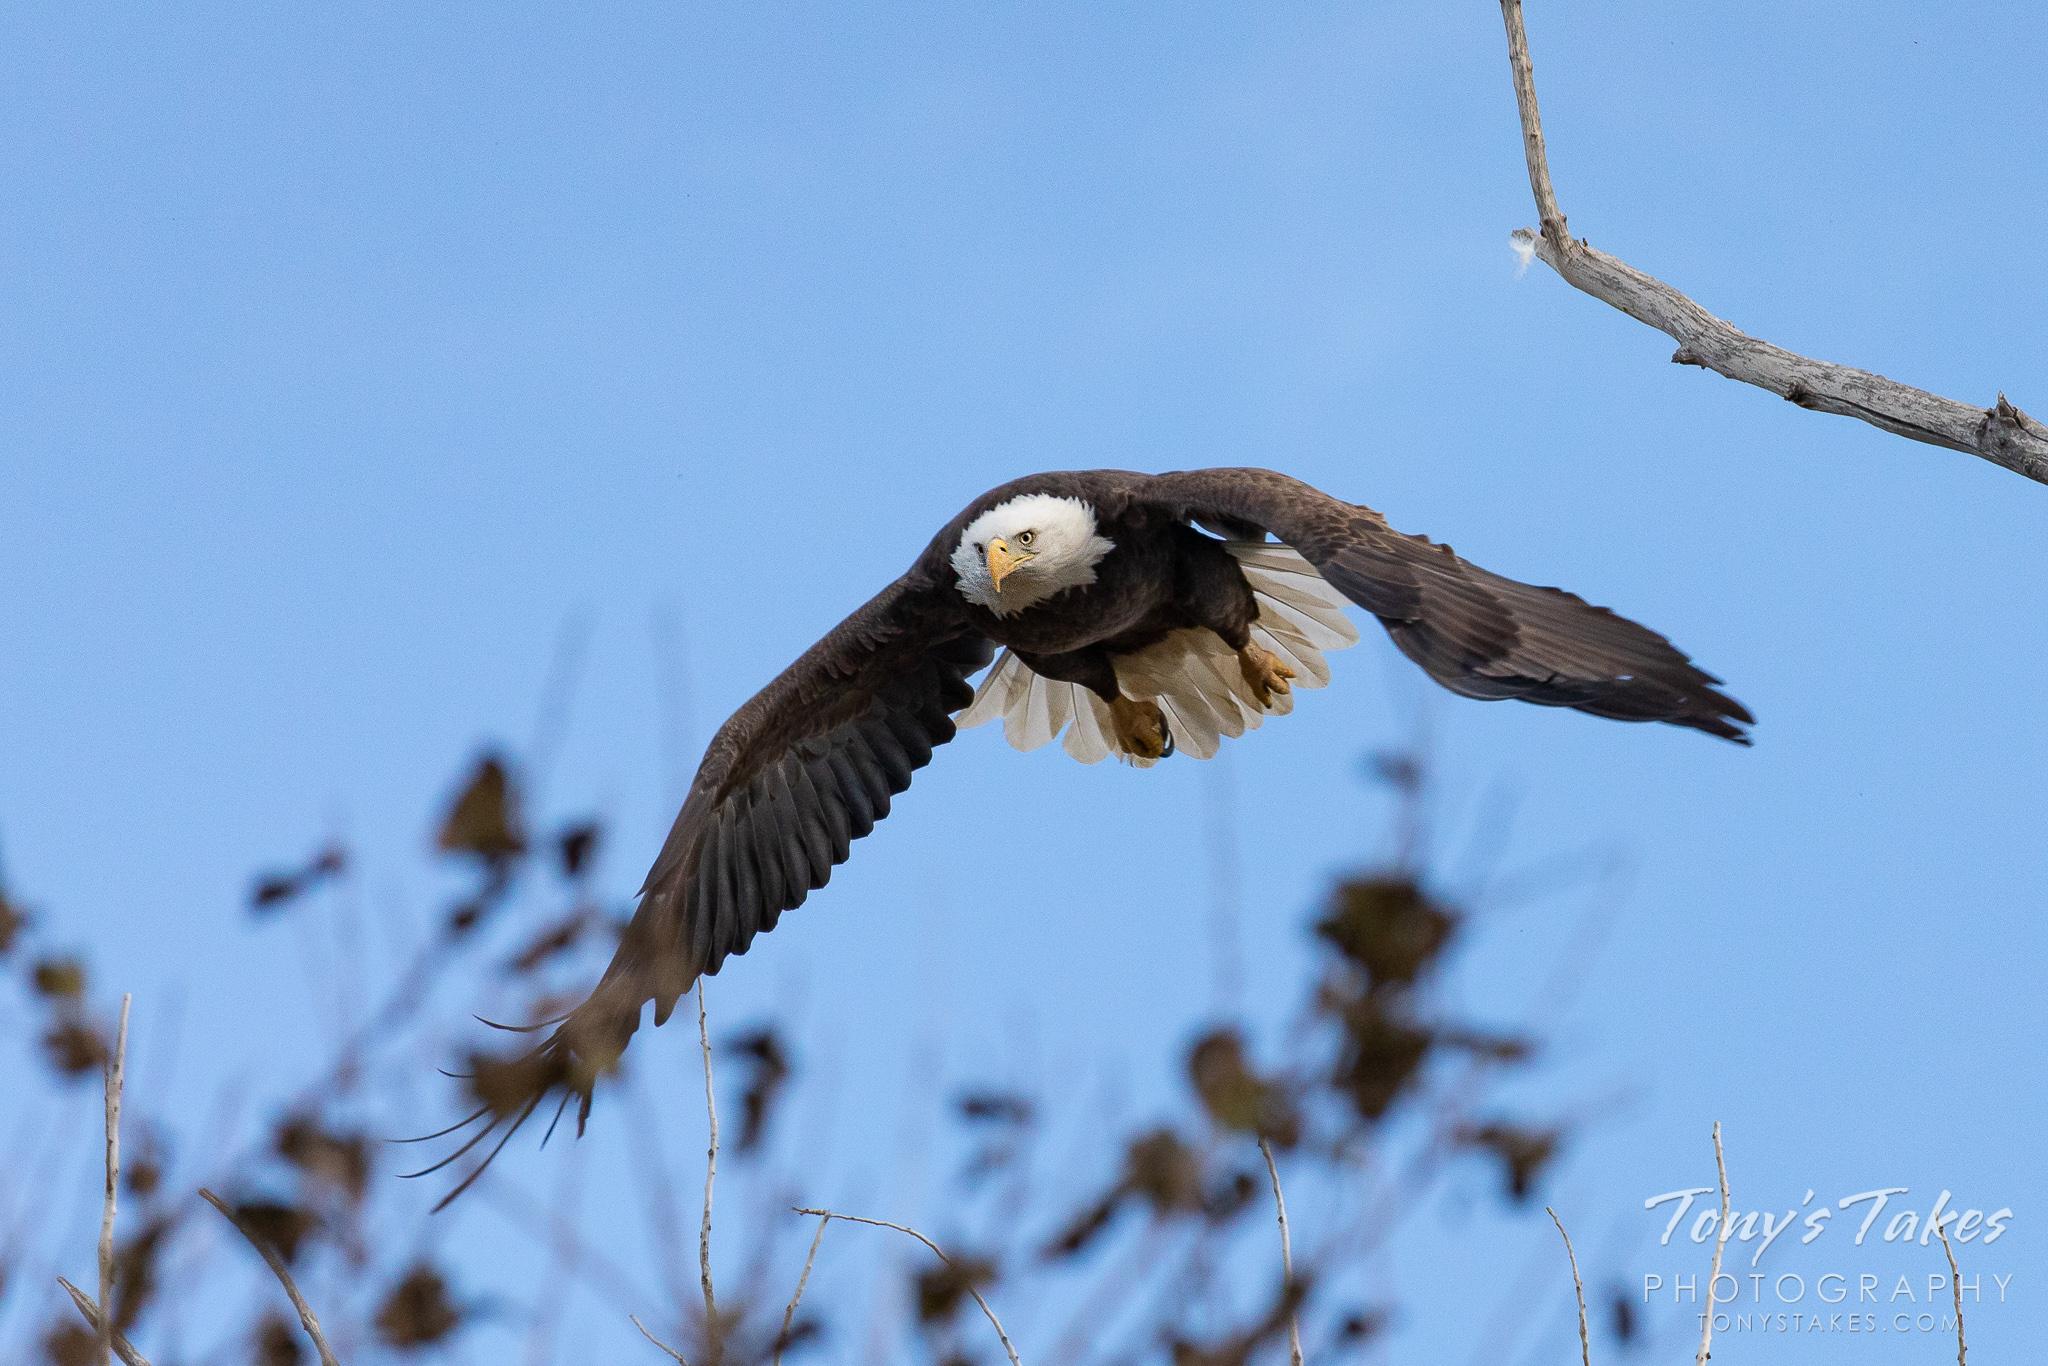 A bald eagle takes to the skies. (© Tony's Takes)